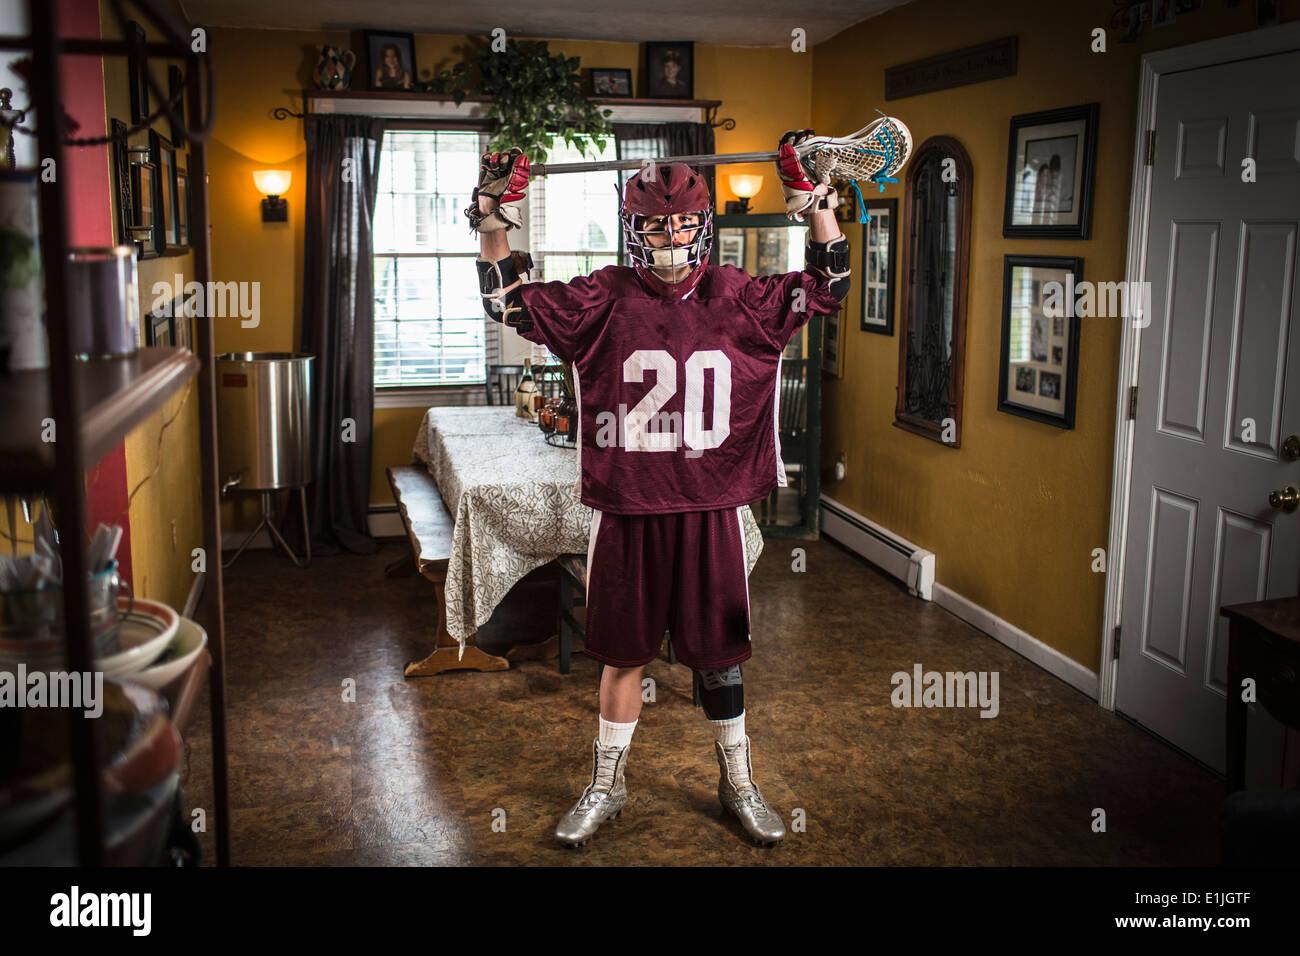 Adolescente vistiendo uniforme de lacrosse, de pie en el comedor Foto de stock